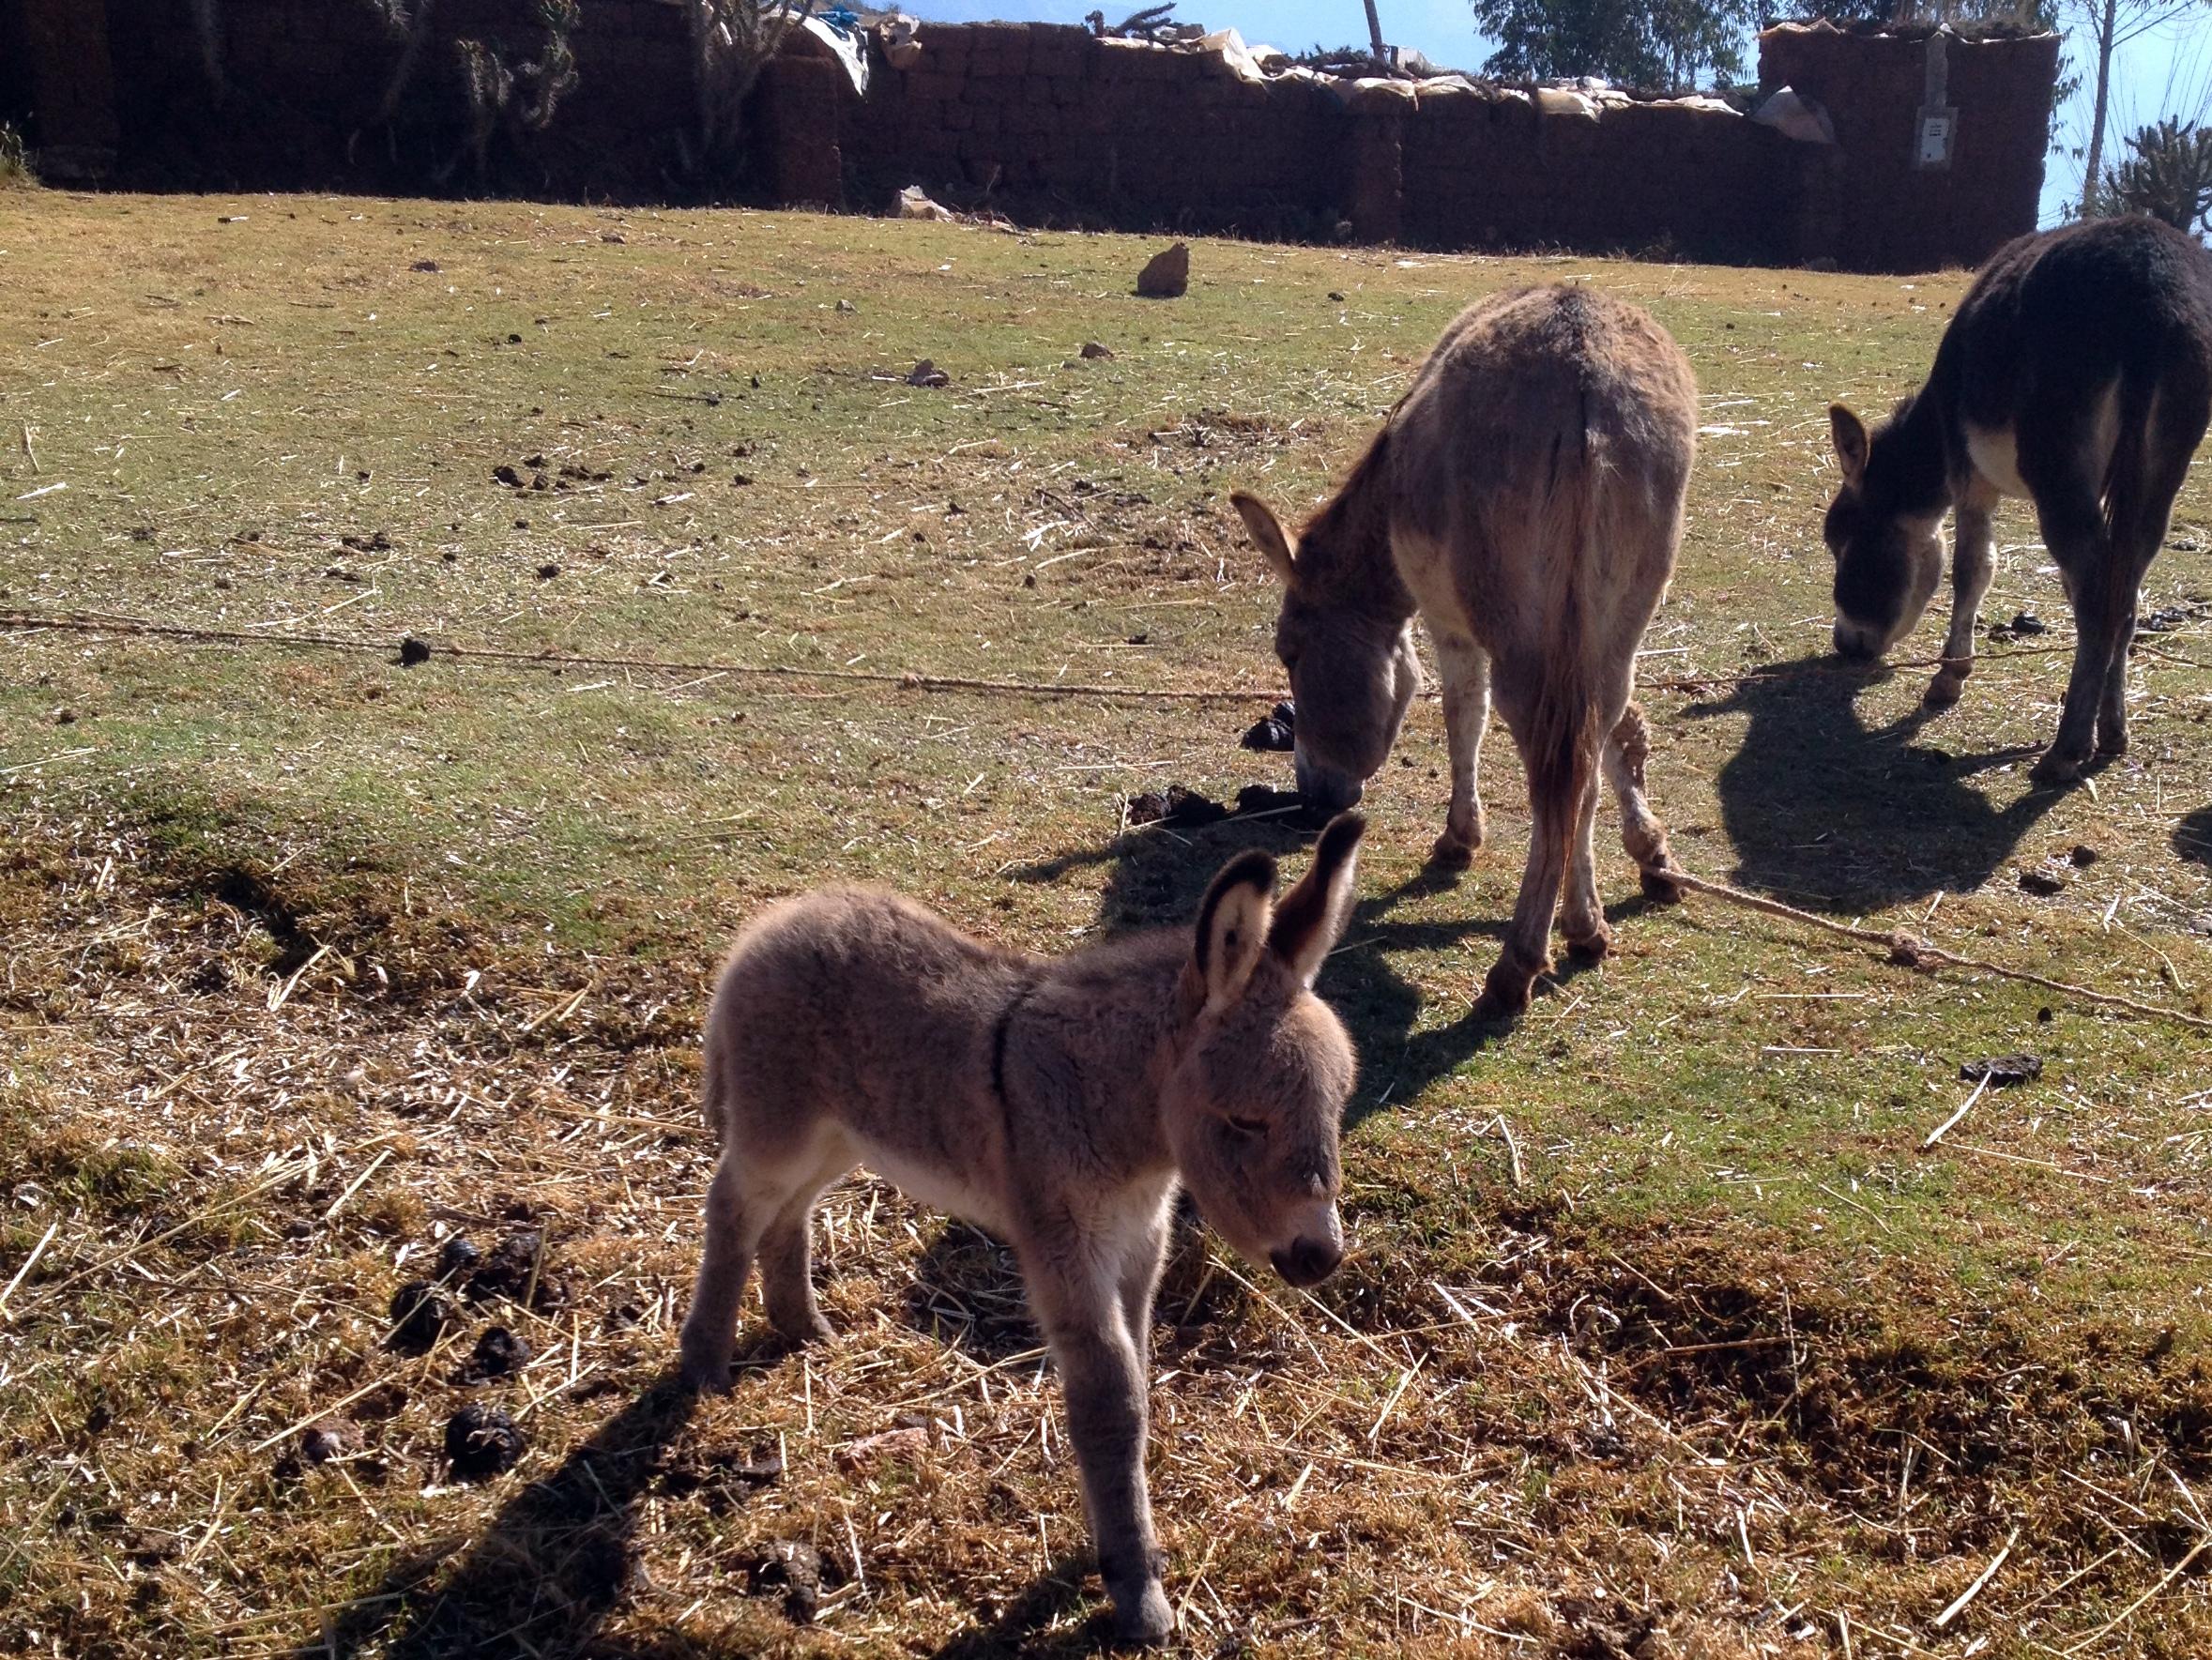 Burro foal